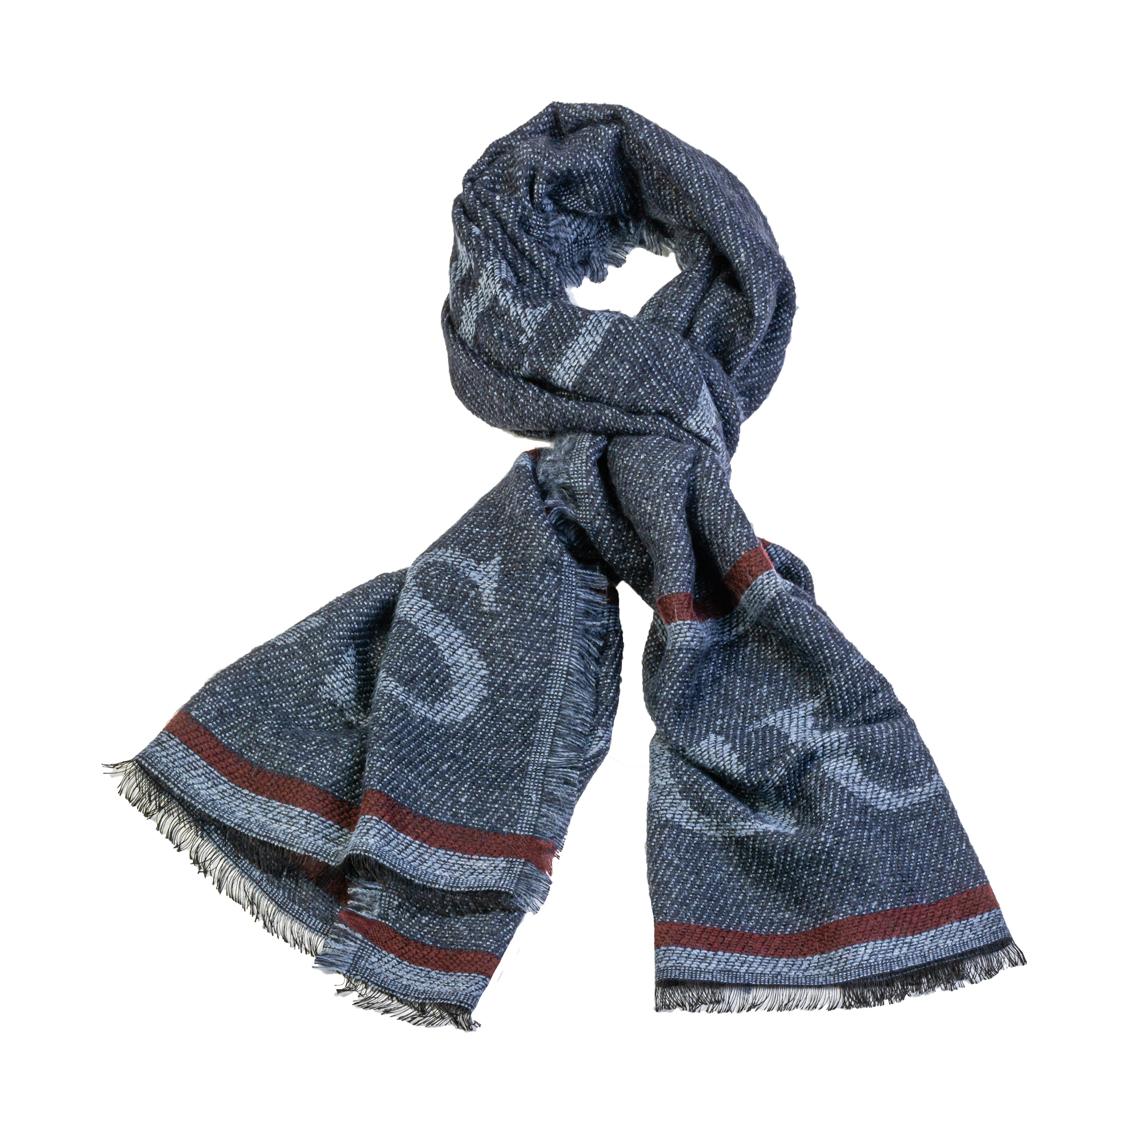 Echarpe guess en laine mélangée bleu pétrole chiné, logotypée en bleu acier et à liserés bordeaux